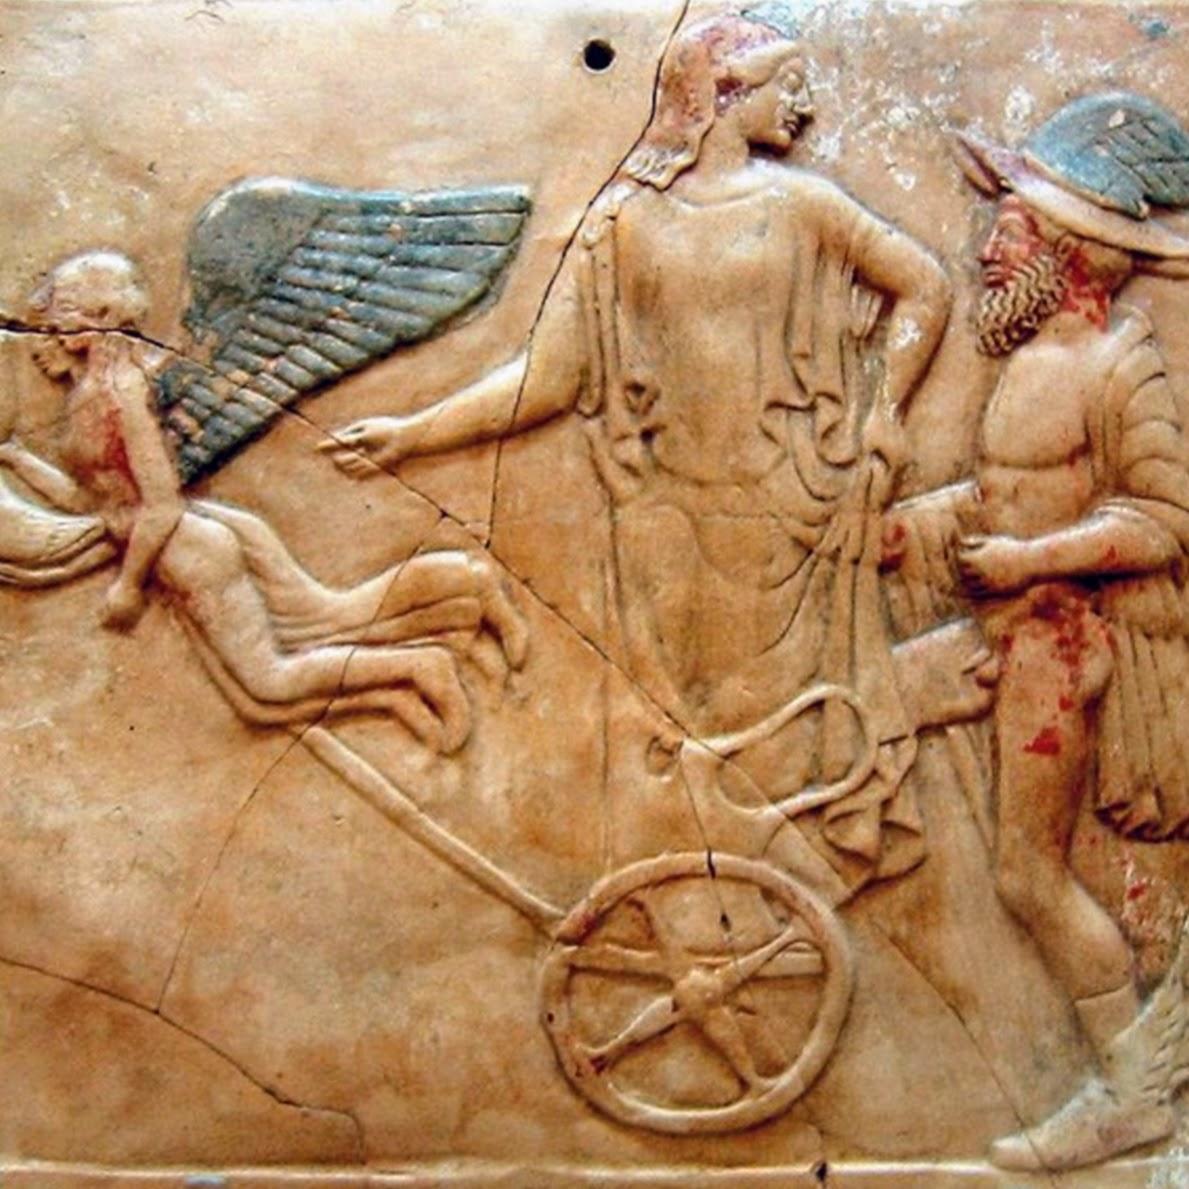 Représentation d'Éros, d'Hermès et de Perséphone